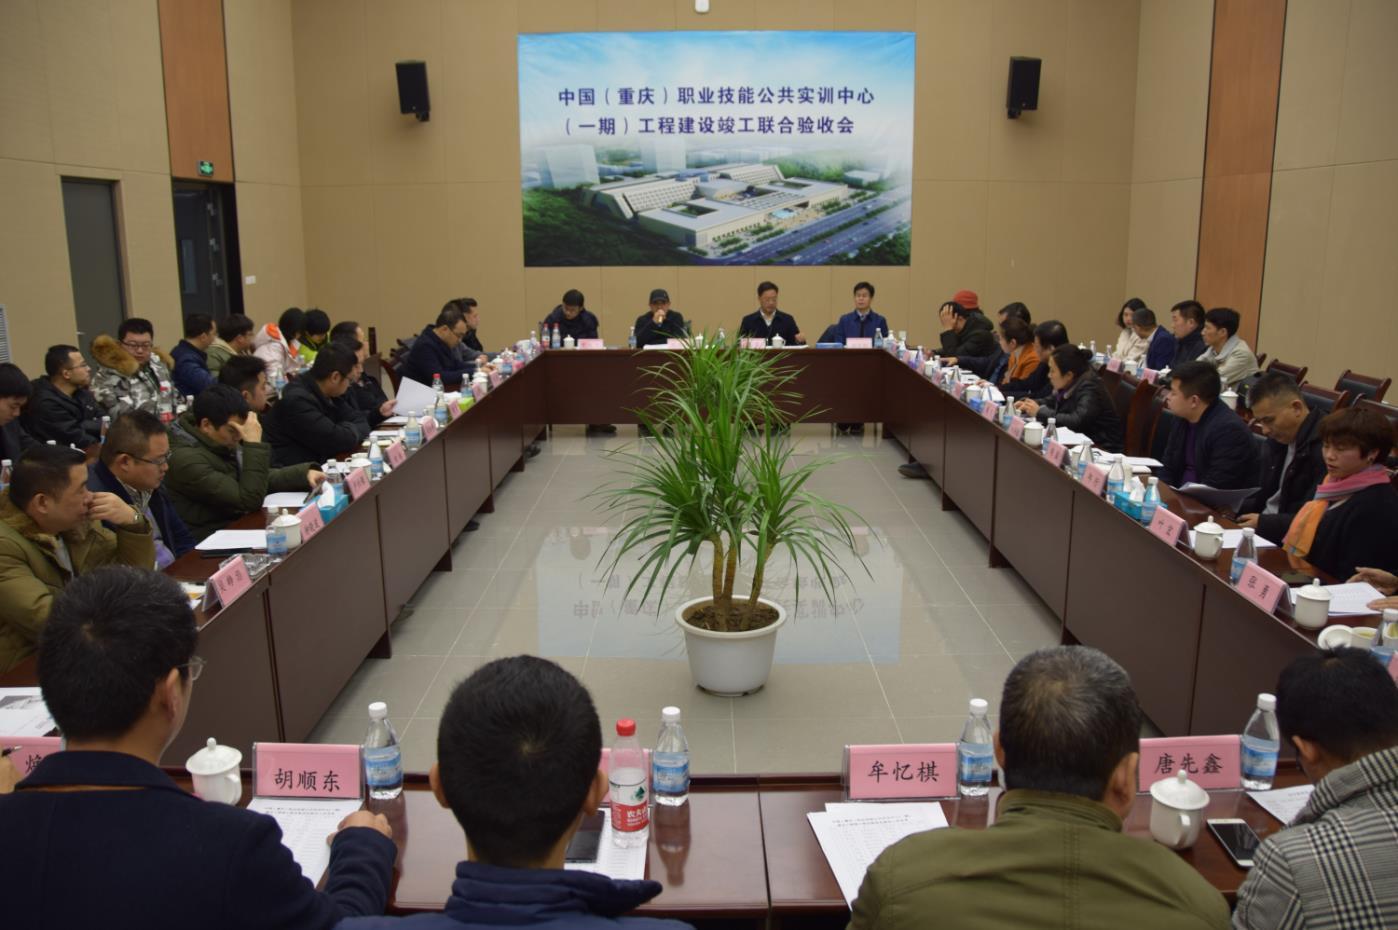 中国(重庆)职业技能公共实训中心(一期)建设工程顺利通过竣工联合验收